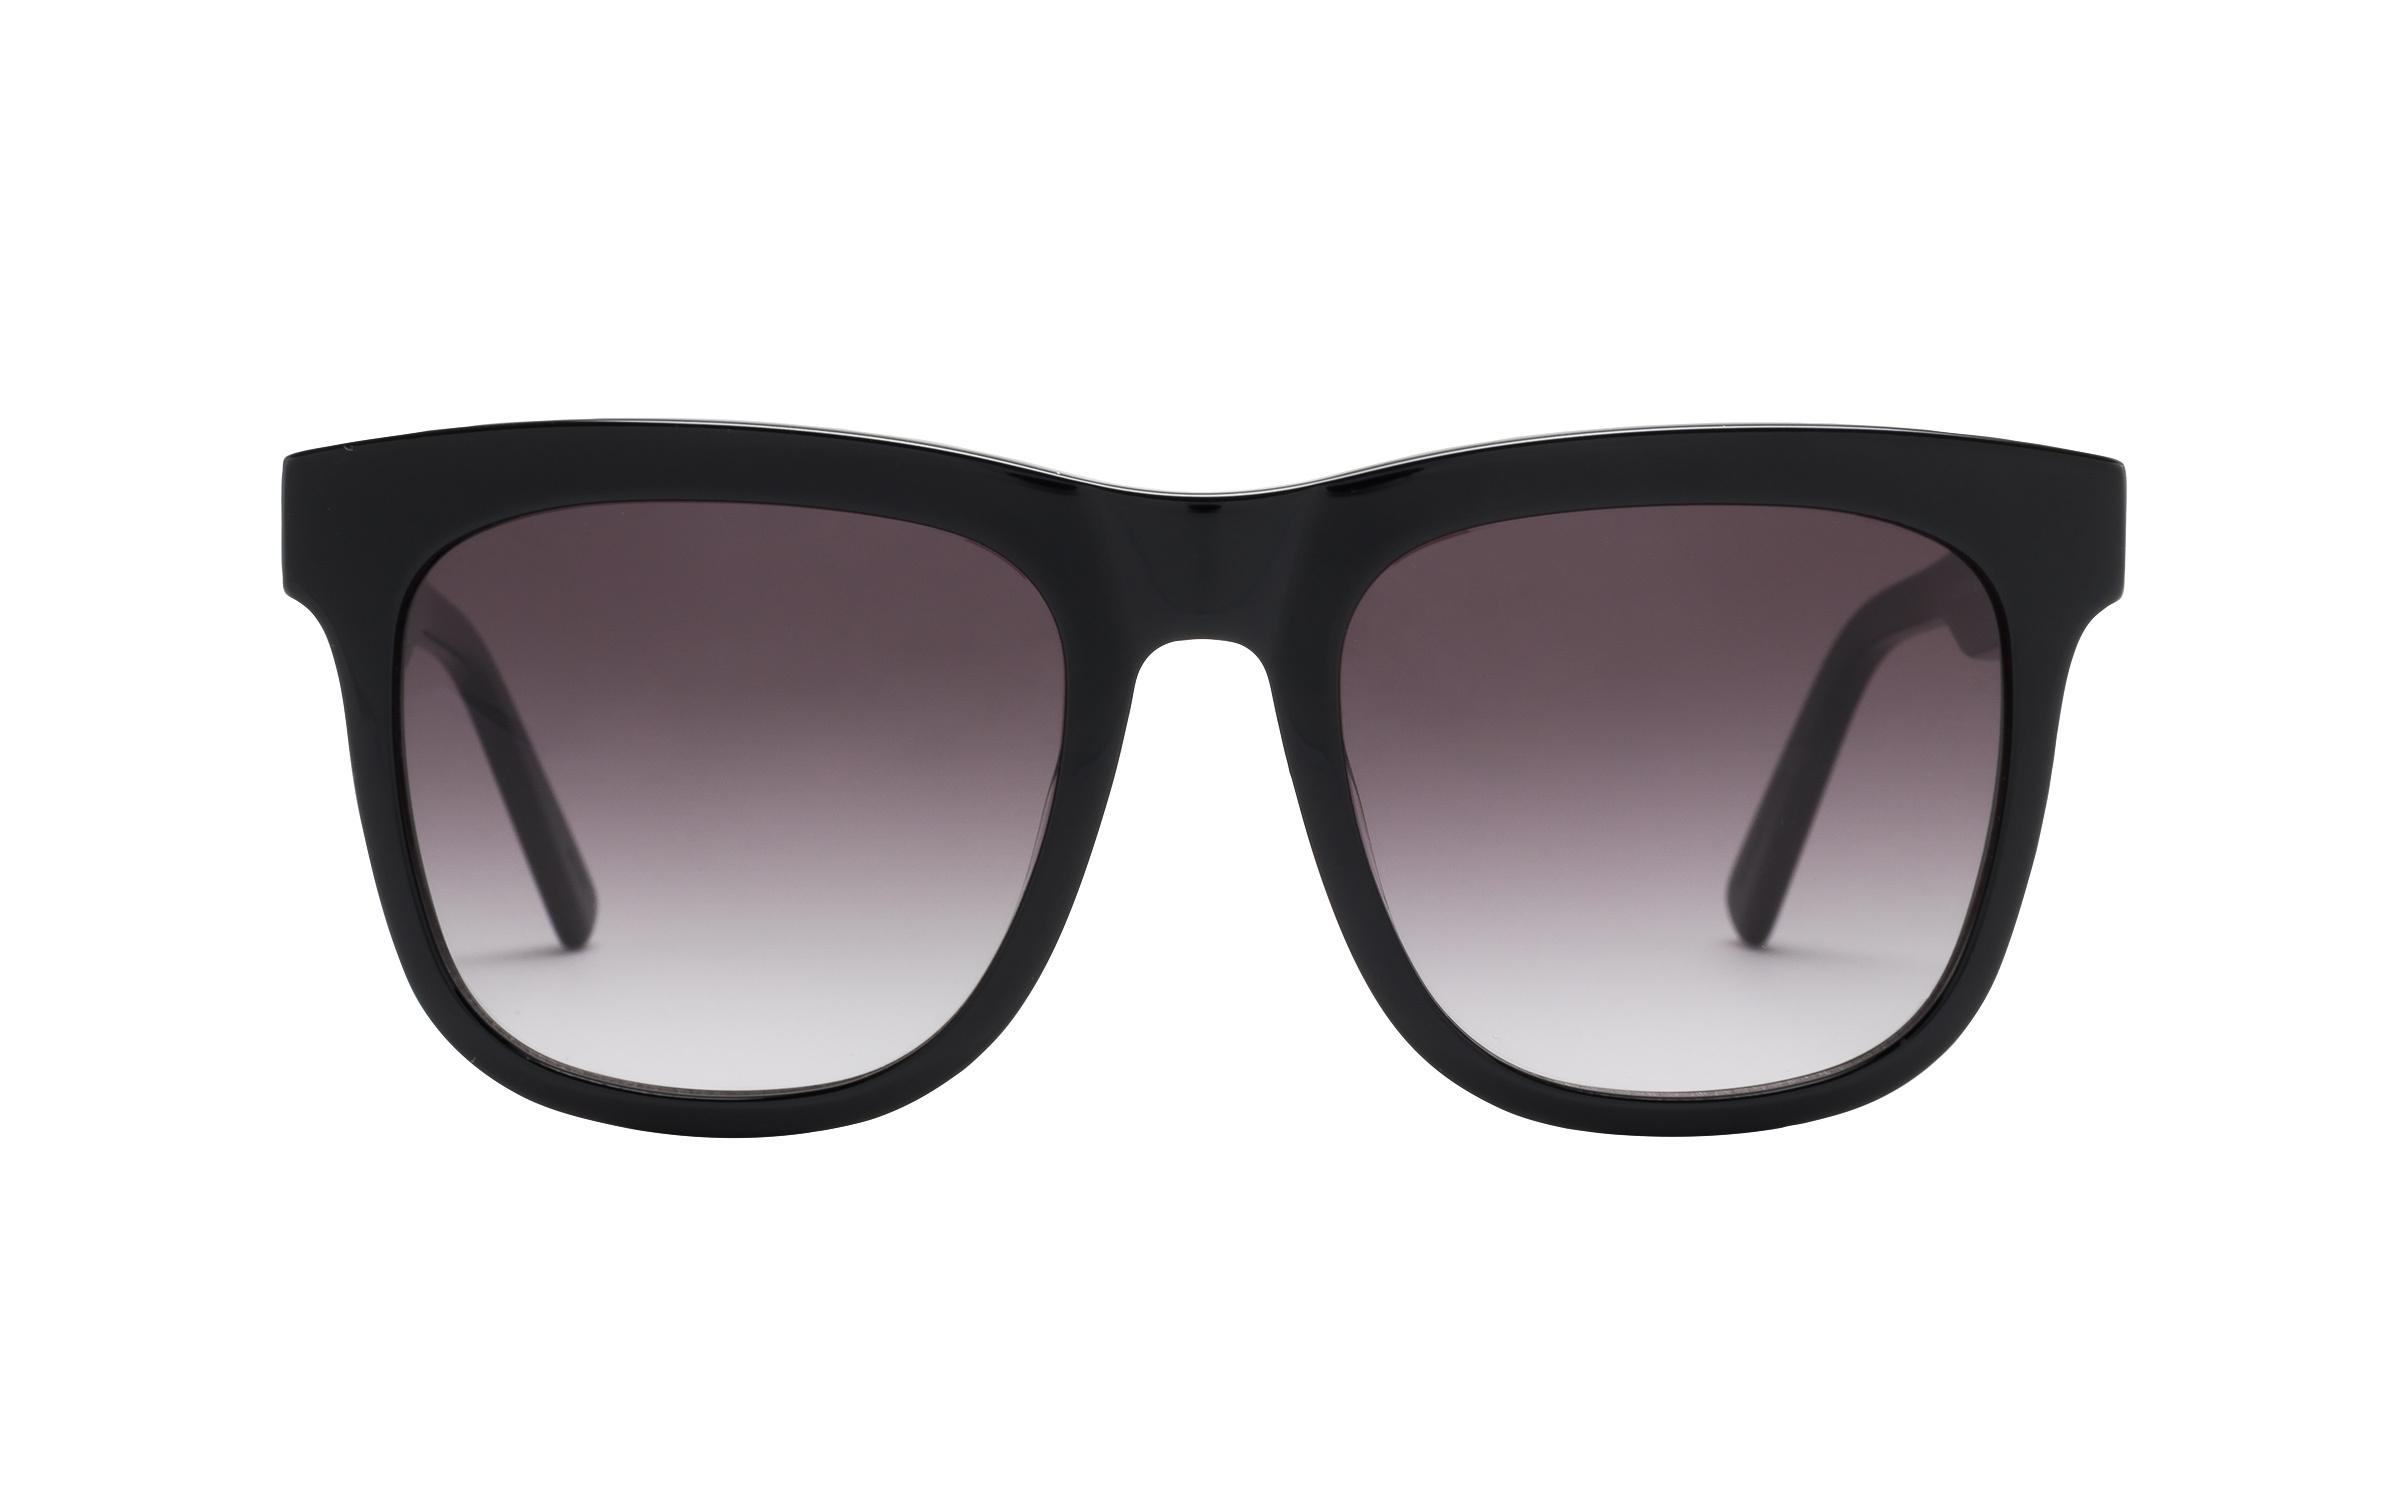 Kam Dhillon Juliette 54 Sunglasses In Black